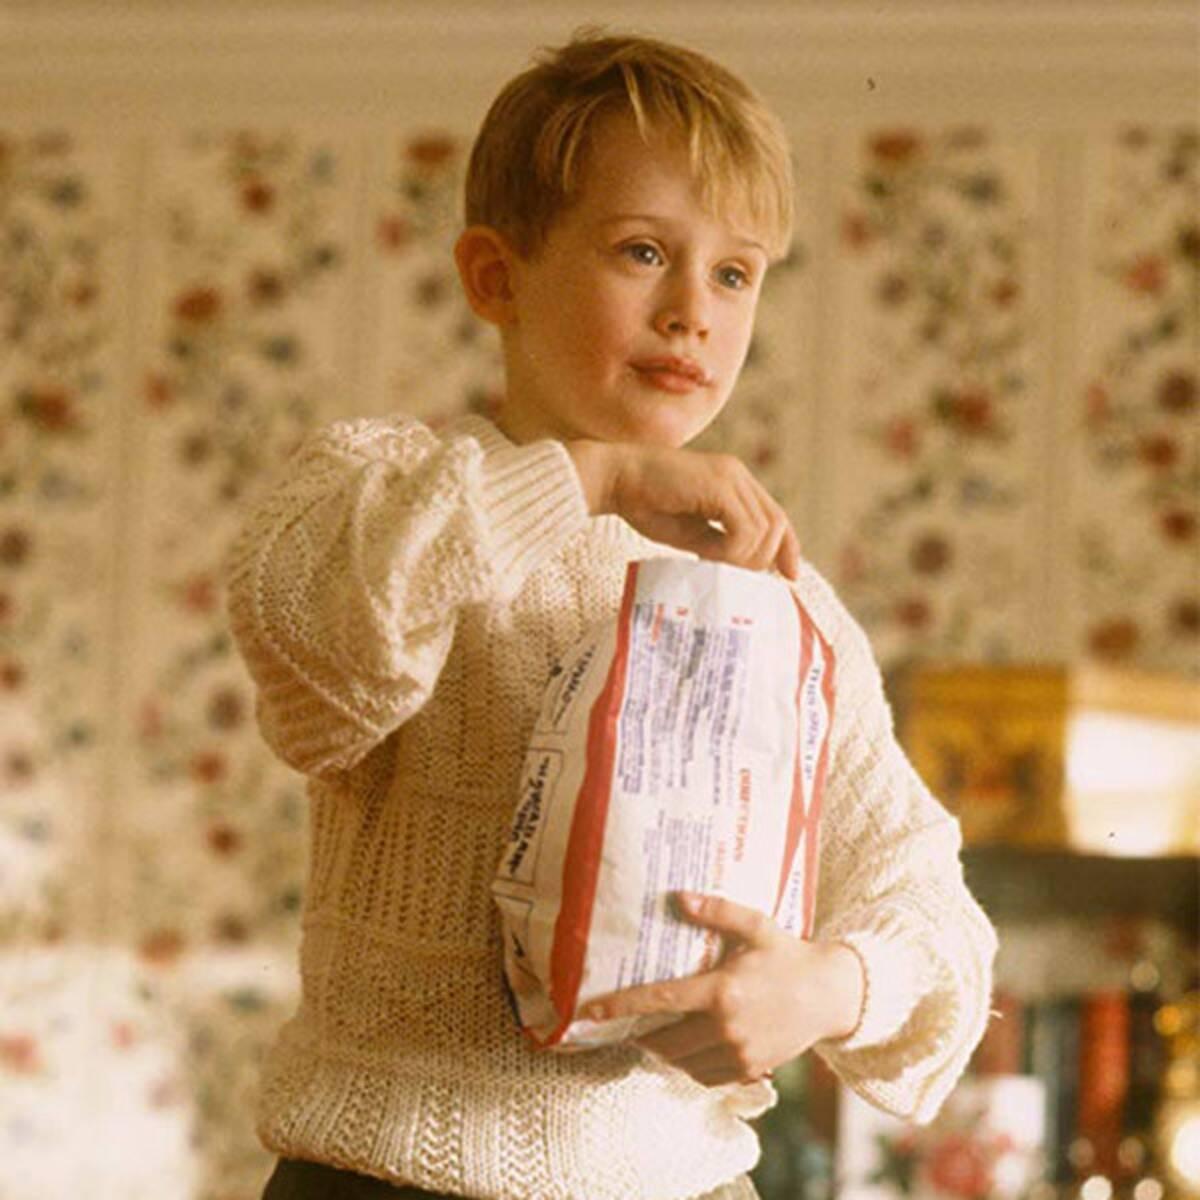 Ce mai stii despre actorii din Home Alone? Vrei sa afli ce s-a intamplat cu ei?